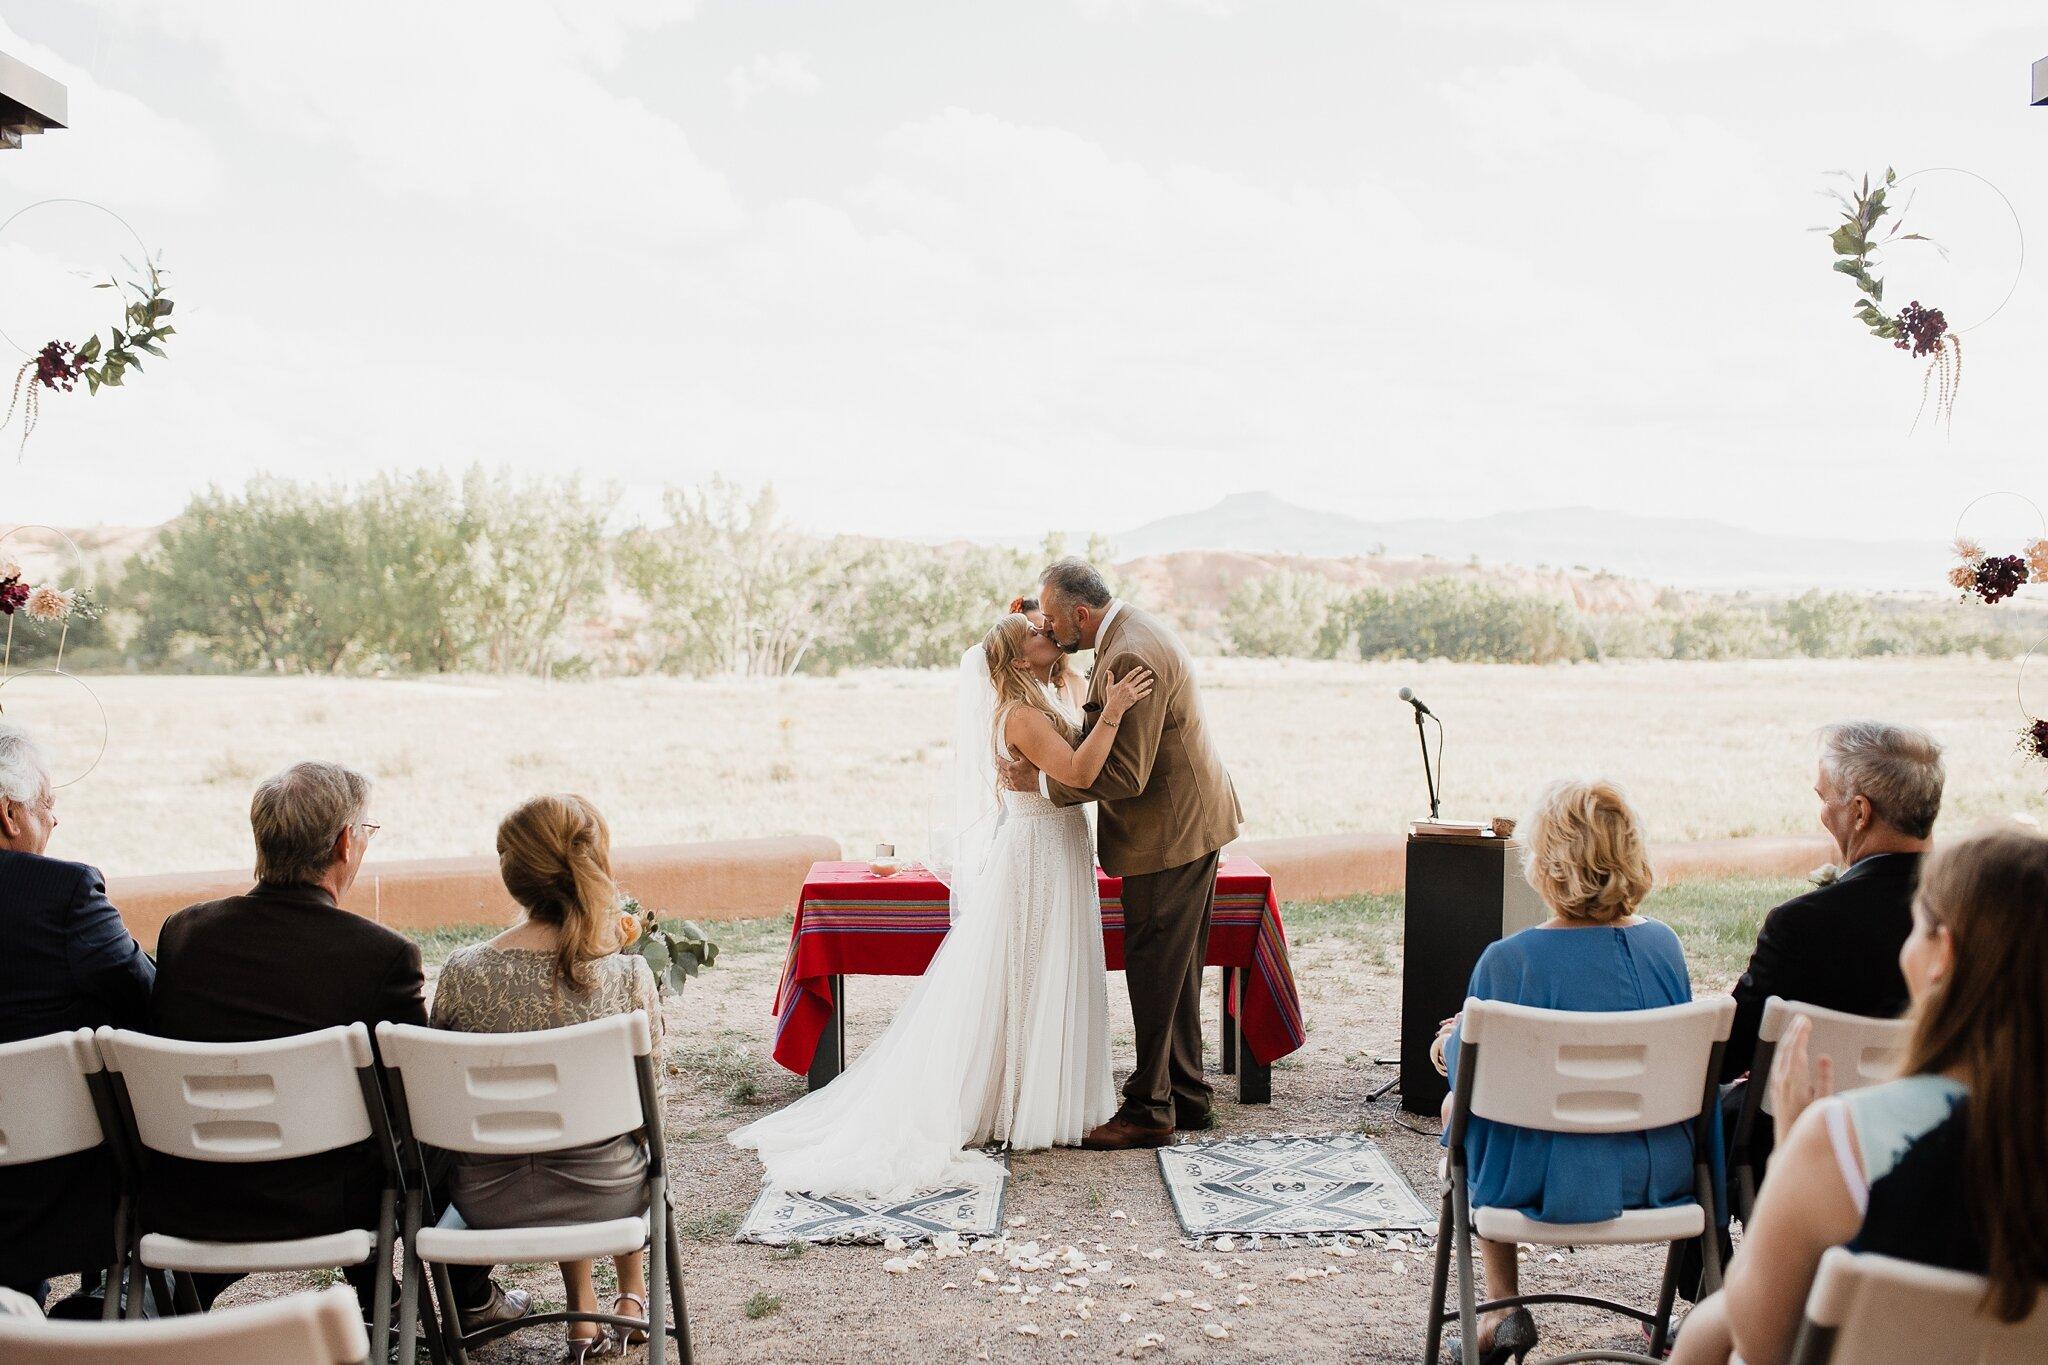 Alicia+lucia+photography+-+albuquerque+wedding+photographer+-+santa+fe+wedding+photography+-+new+mexico+wedding+photographer+-+new+mexico+wedding+-+wedding+-+santa+fe+wedding+-+ghost+ranch+-+ghost+ranch+wedding+-+fall+wedding_0037.jpg